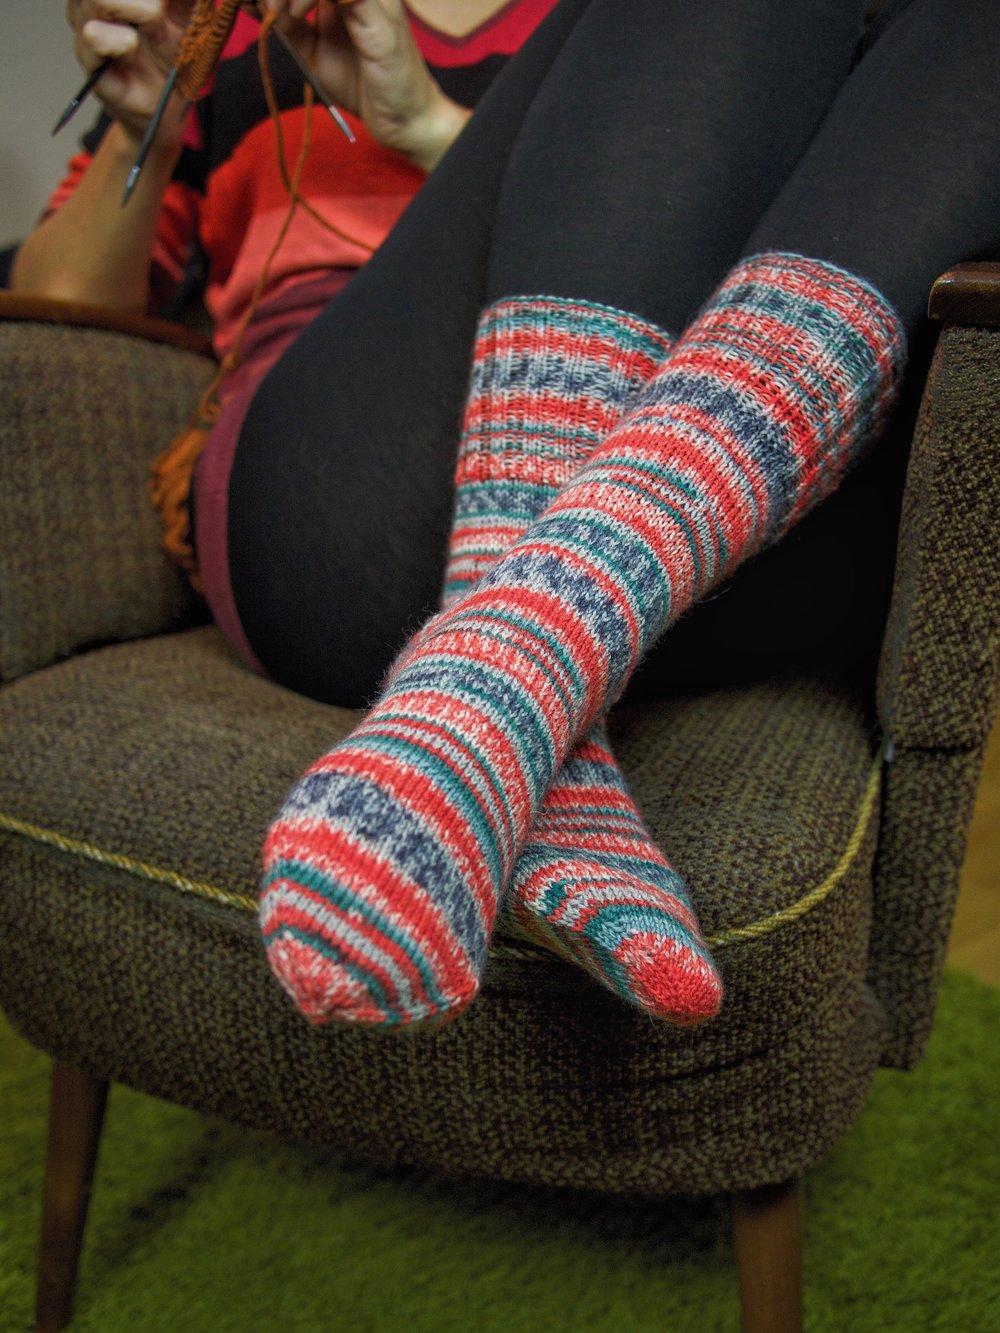 Ich habe mich sofort in meine schönen Socken verliebt. Der Farbverlauf ist einfach genial